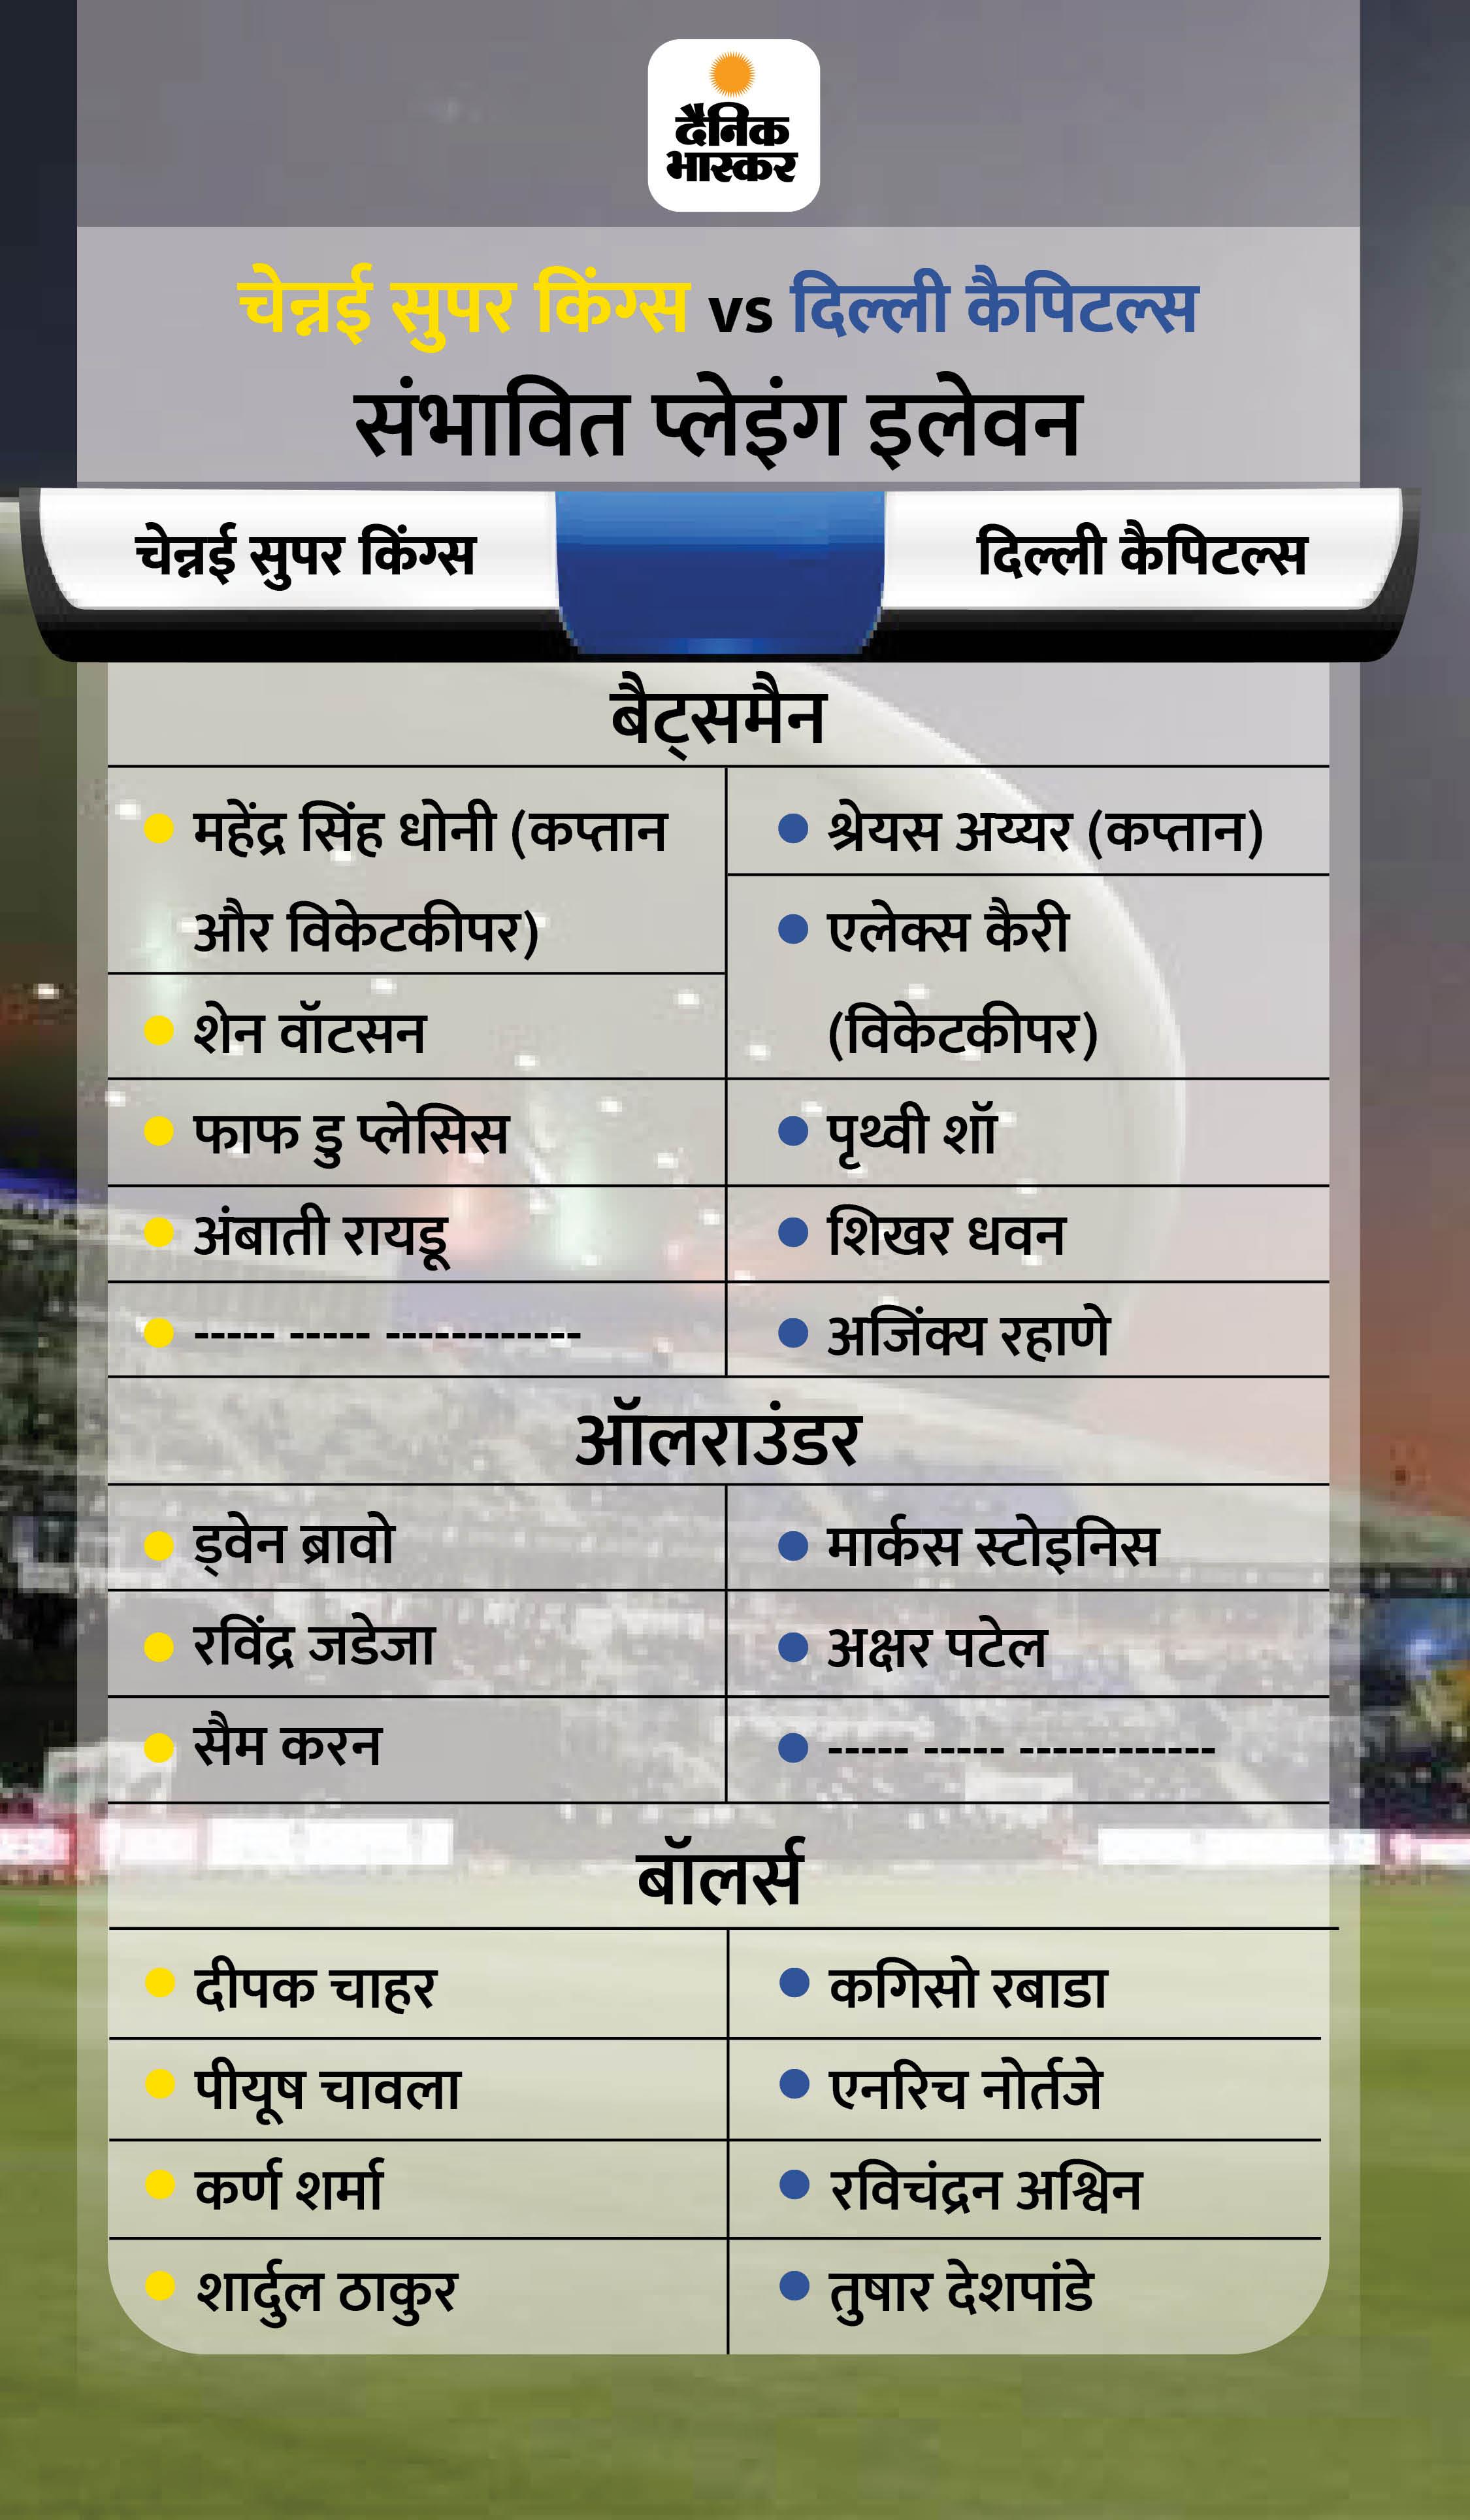 पहले राजस्थान रॉयल्स और रॉयल चैलेंजर्स बेंगलुरु आमने-सामने; शाम को दिल्ली कैपिटल्स का मुकाबला चेन्नई सुपर किंग्स से होगा